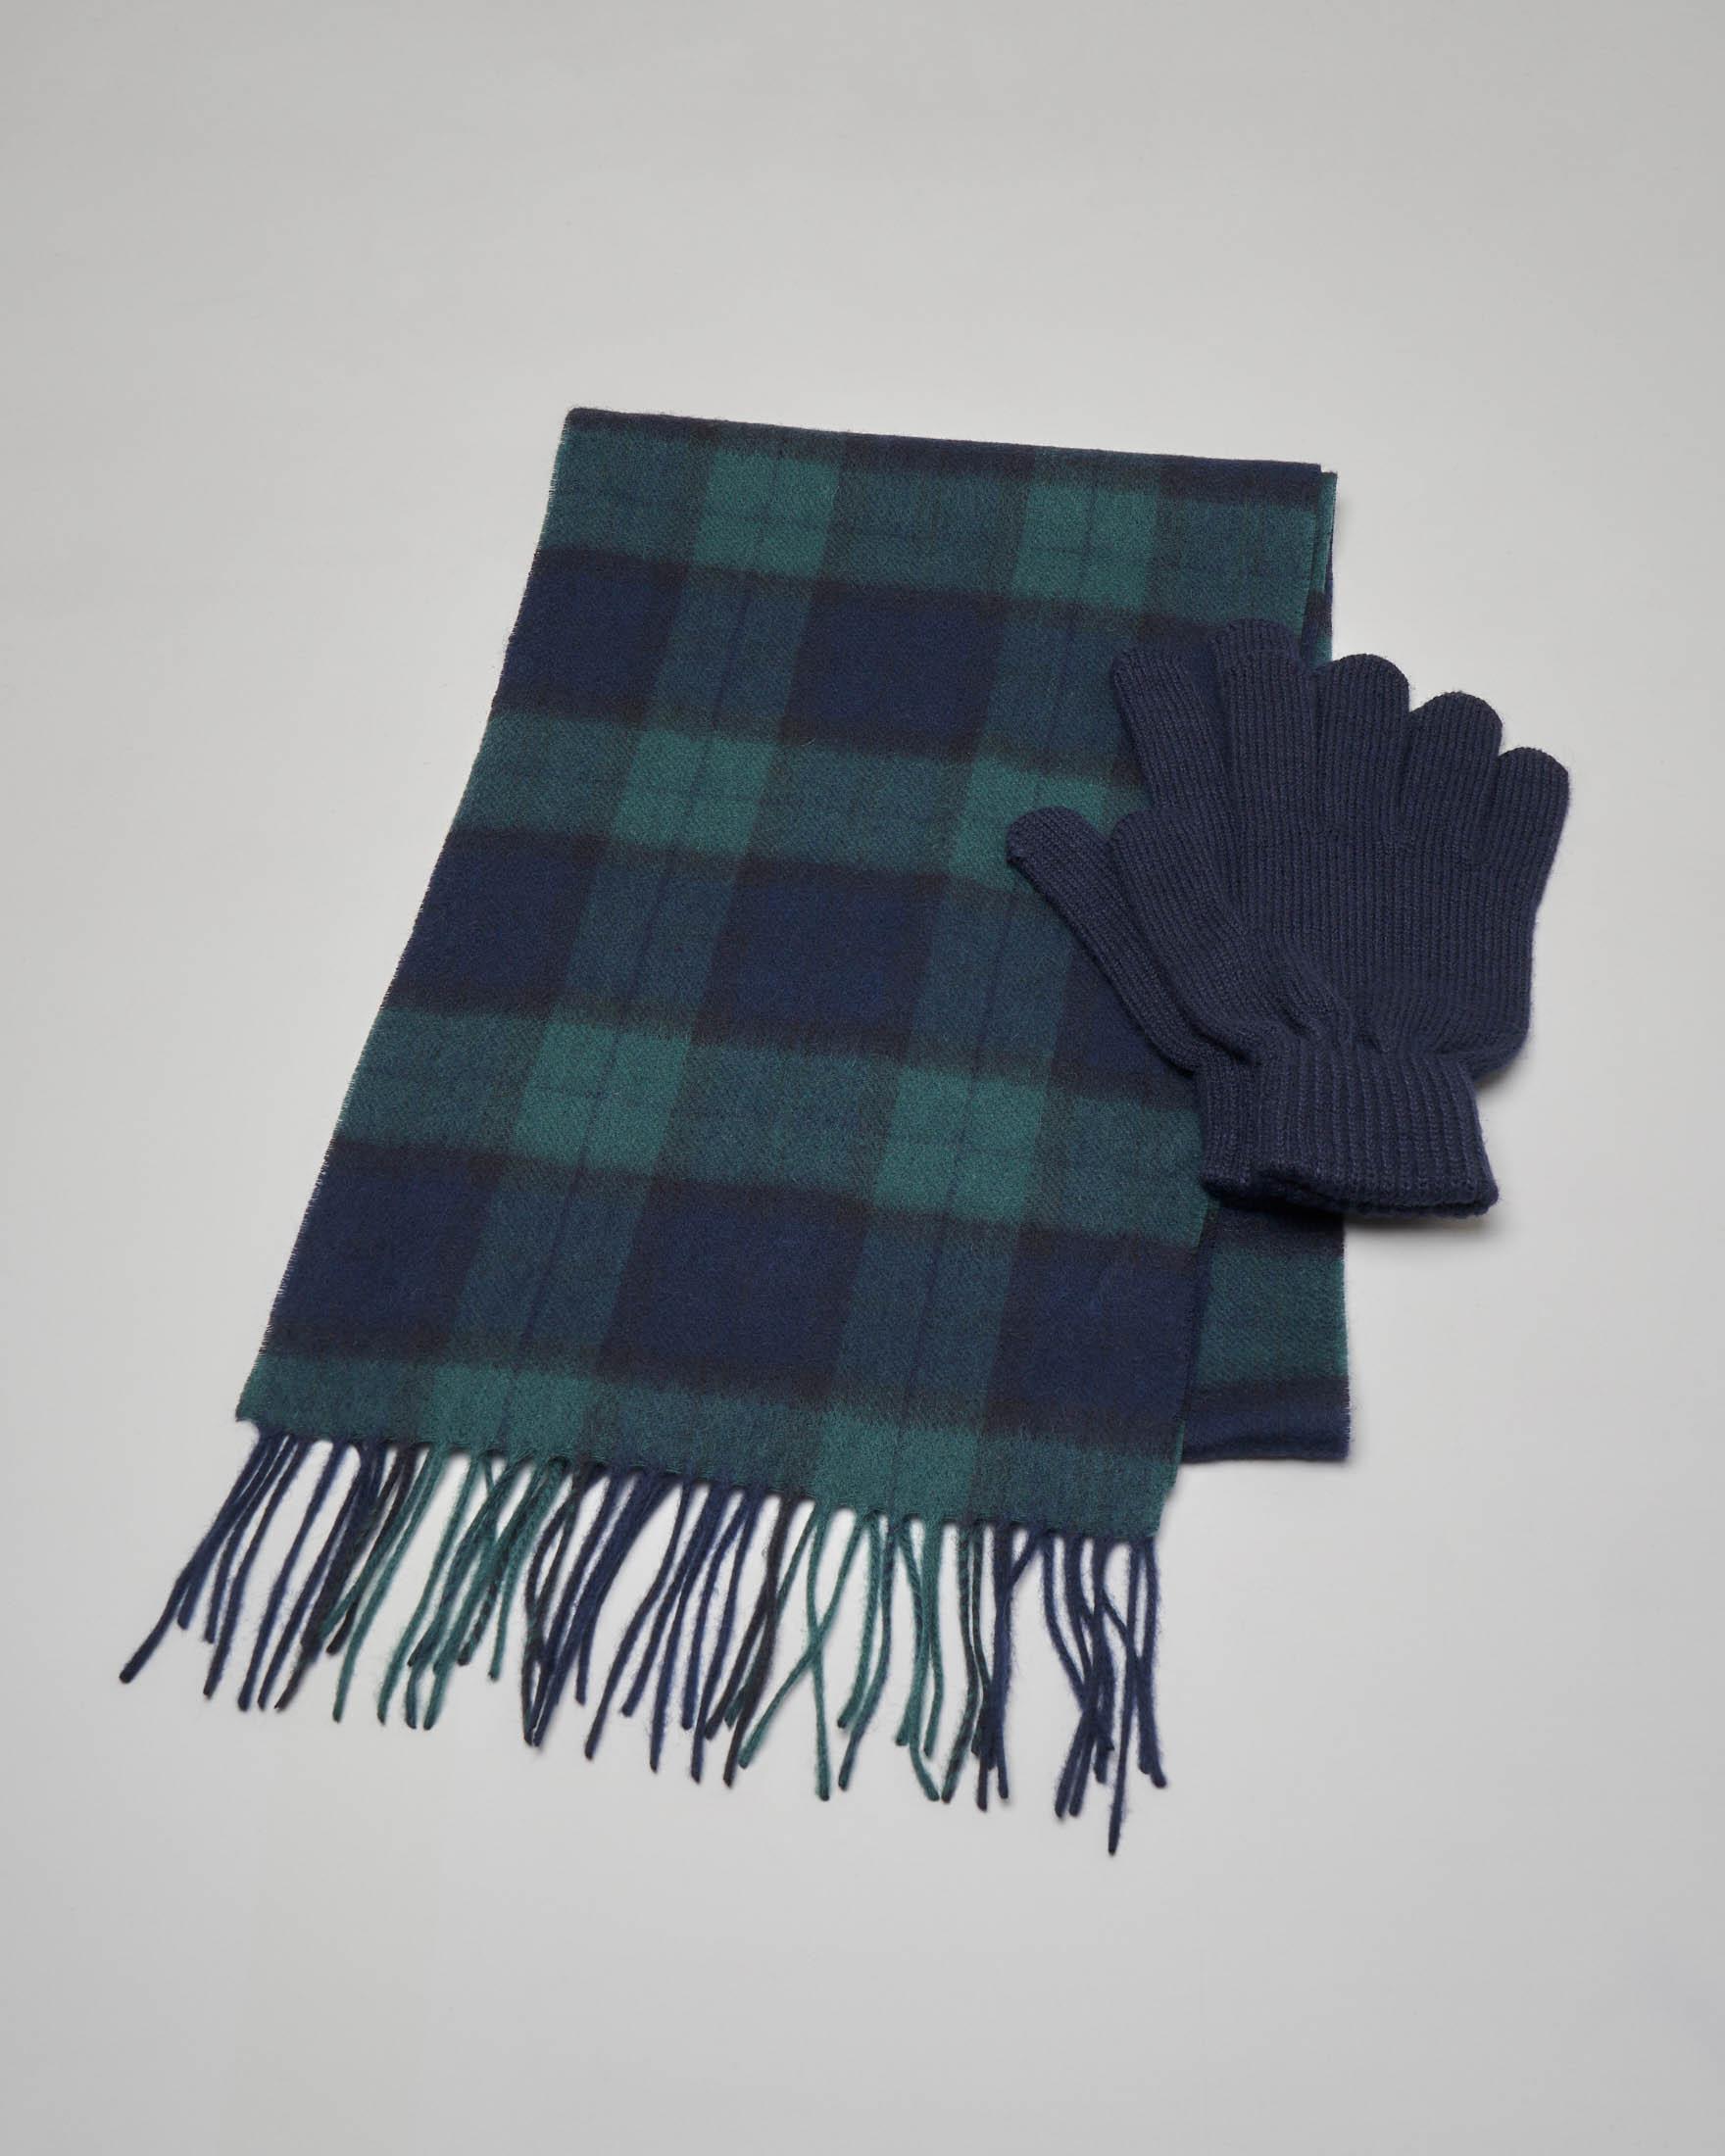 Sciarpa e guanti in lana in tartan check blu e verde